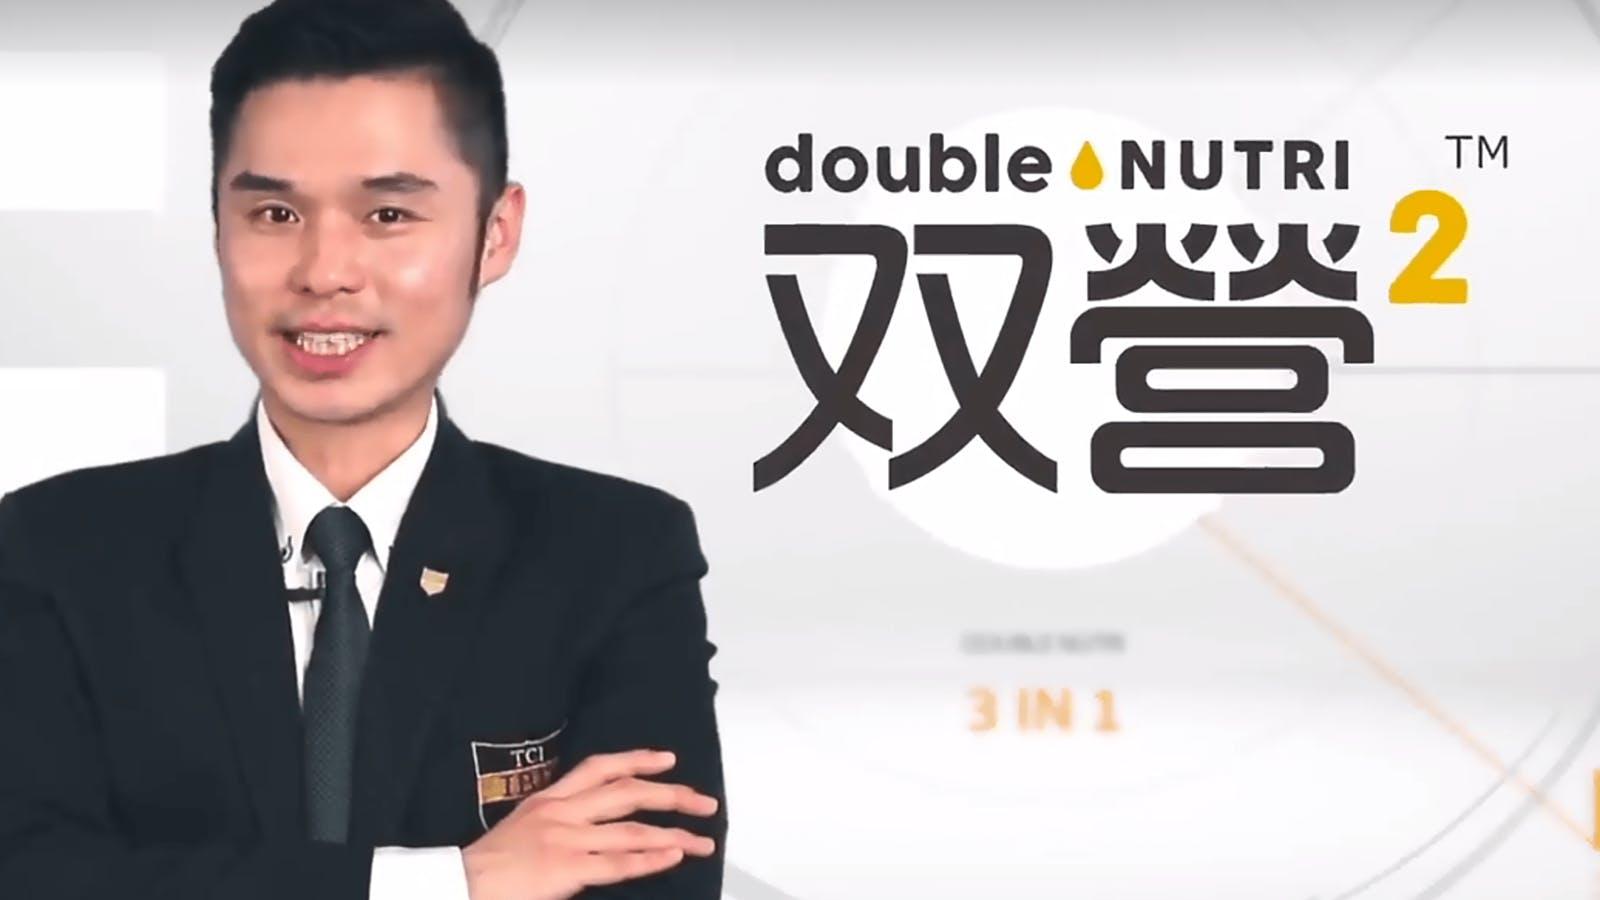 双营 Double Nutri™